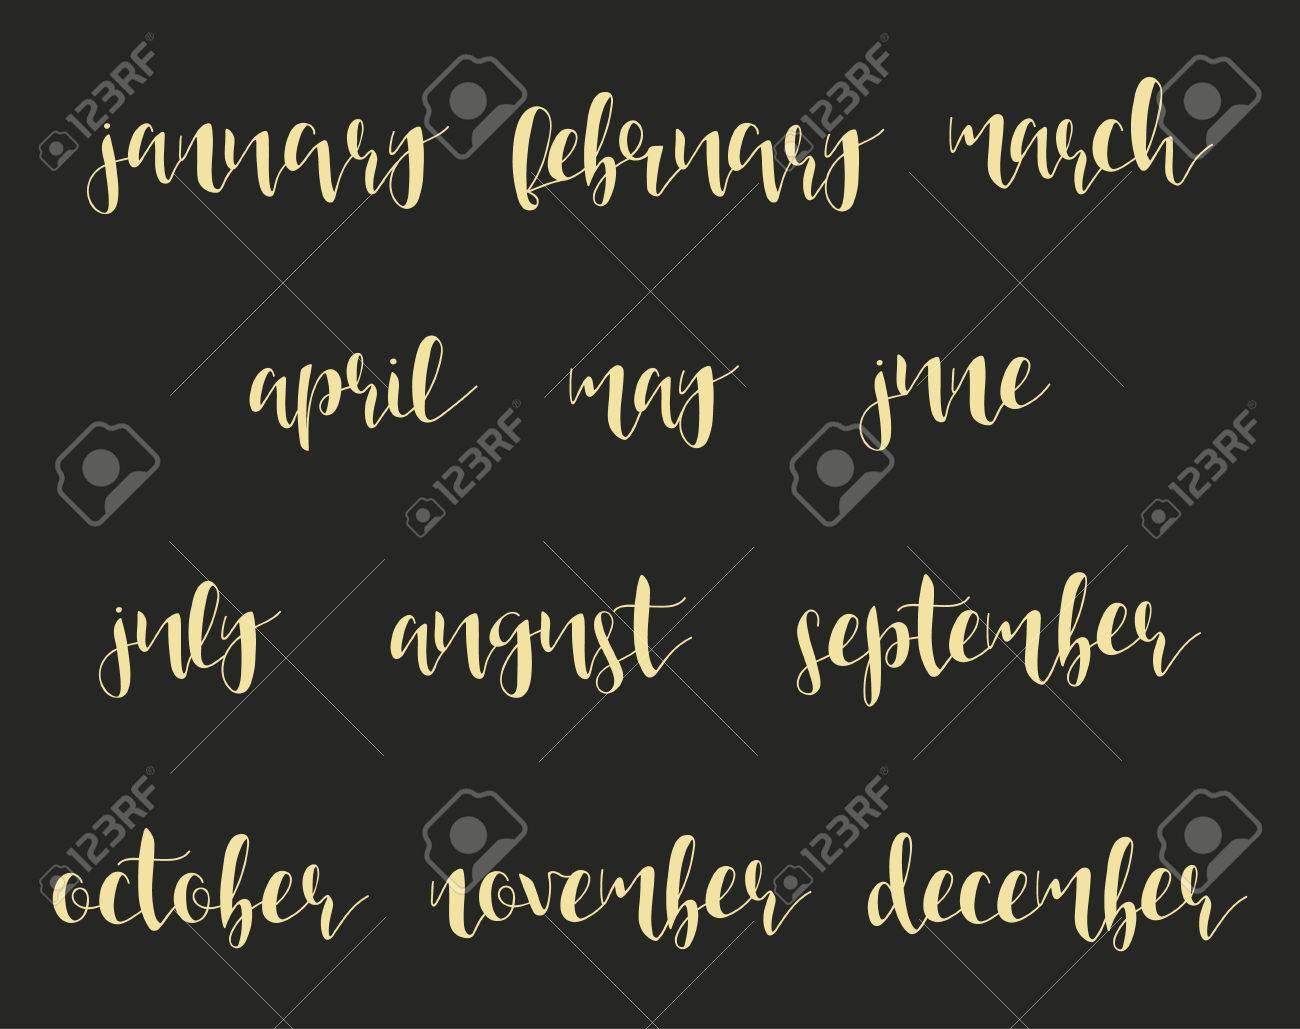 12 Nombres De Los Meses En La Caligrafía Invierno Y Verano Primavera Y Otoño época Del Año Frase En Inglés Caligrafía A Mano Estilo Caligrafía